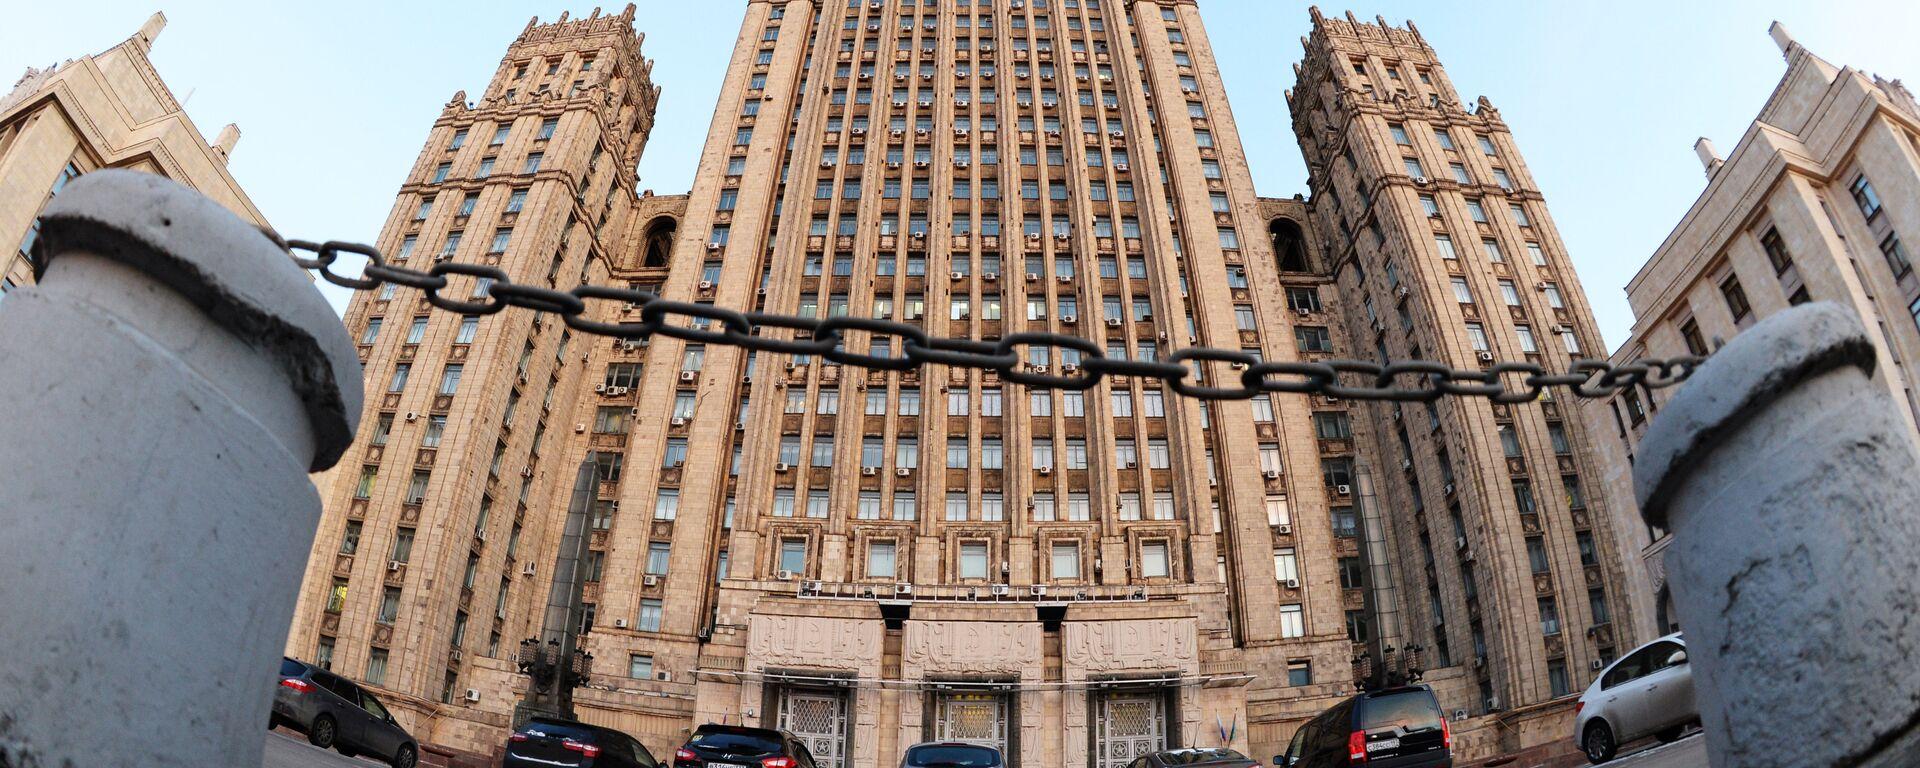 Министерство иностранных дел России - Sputnik Latvija, 1920, 22.02.2021